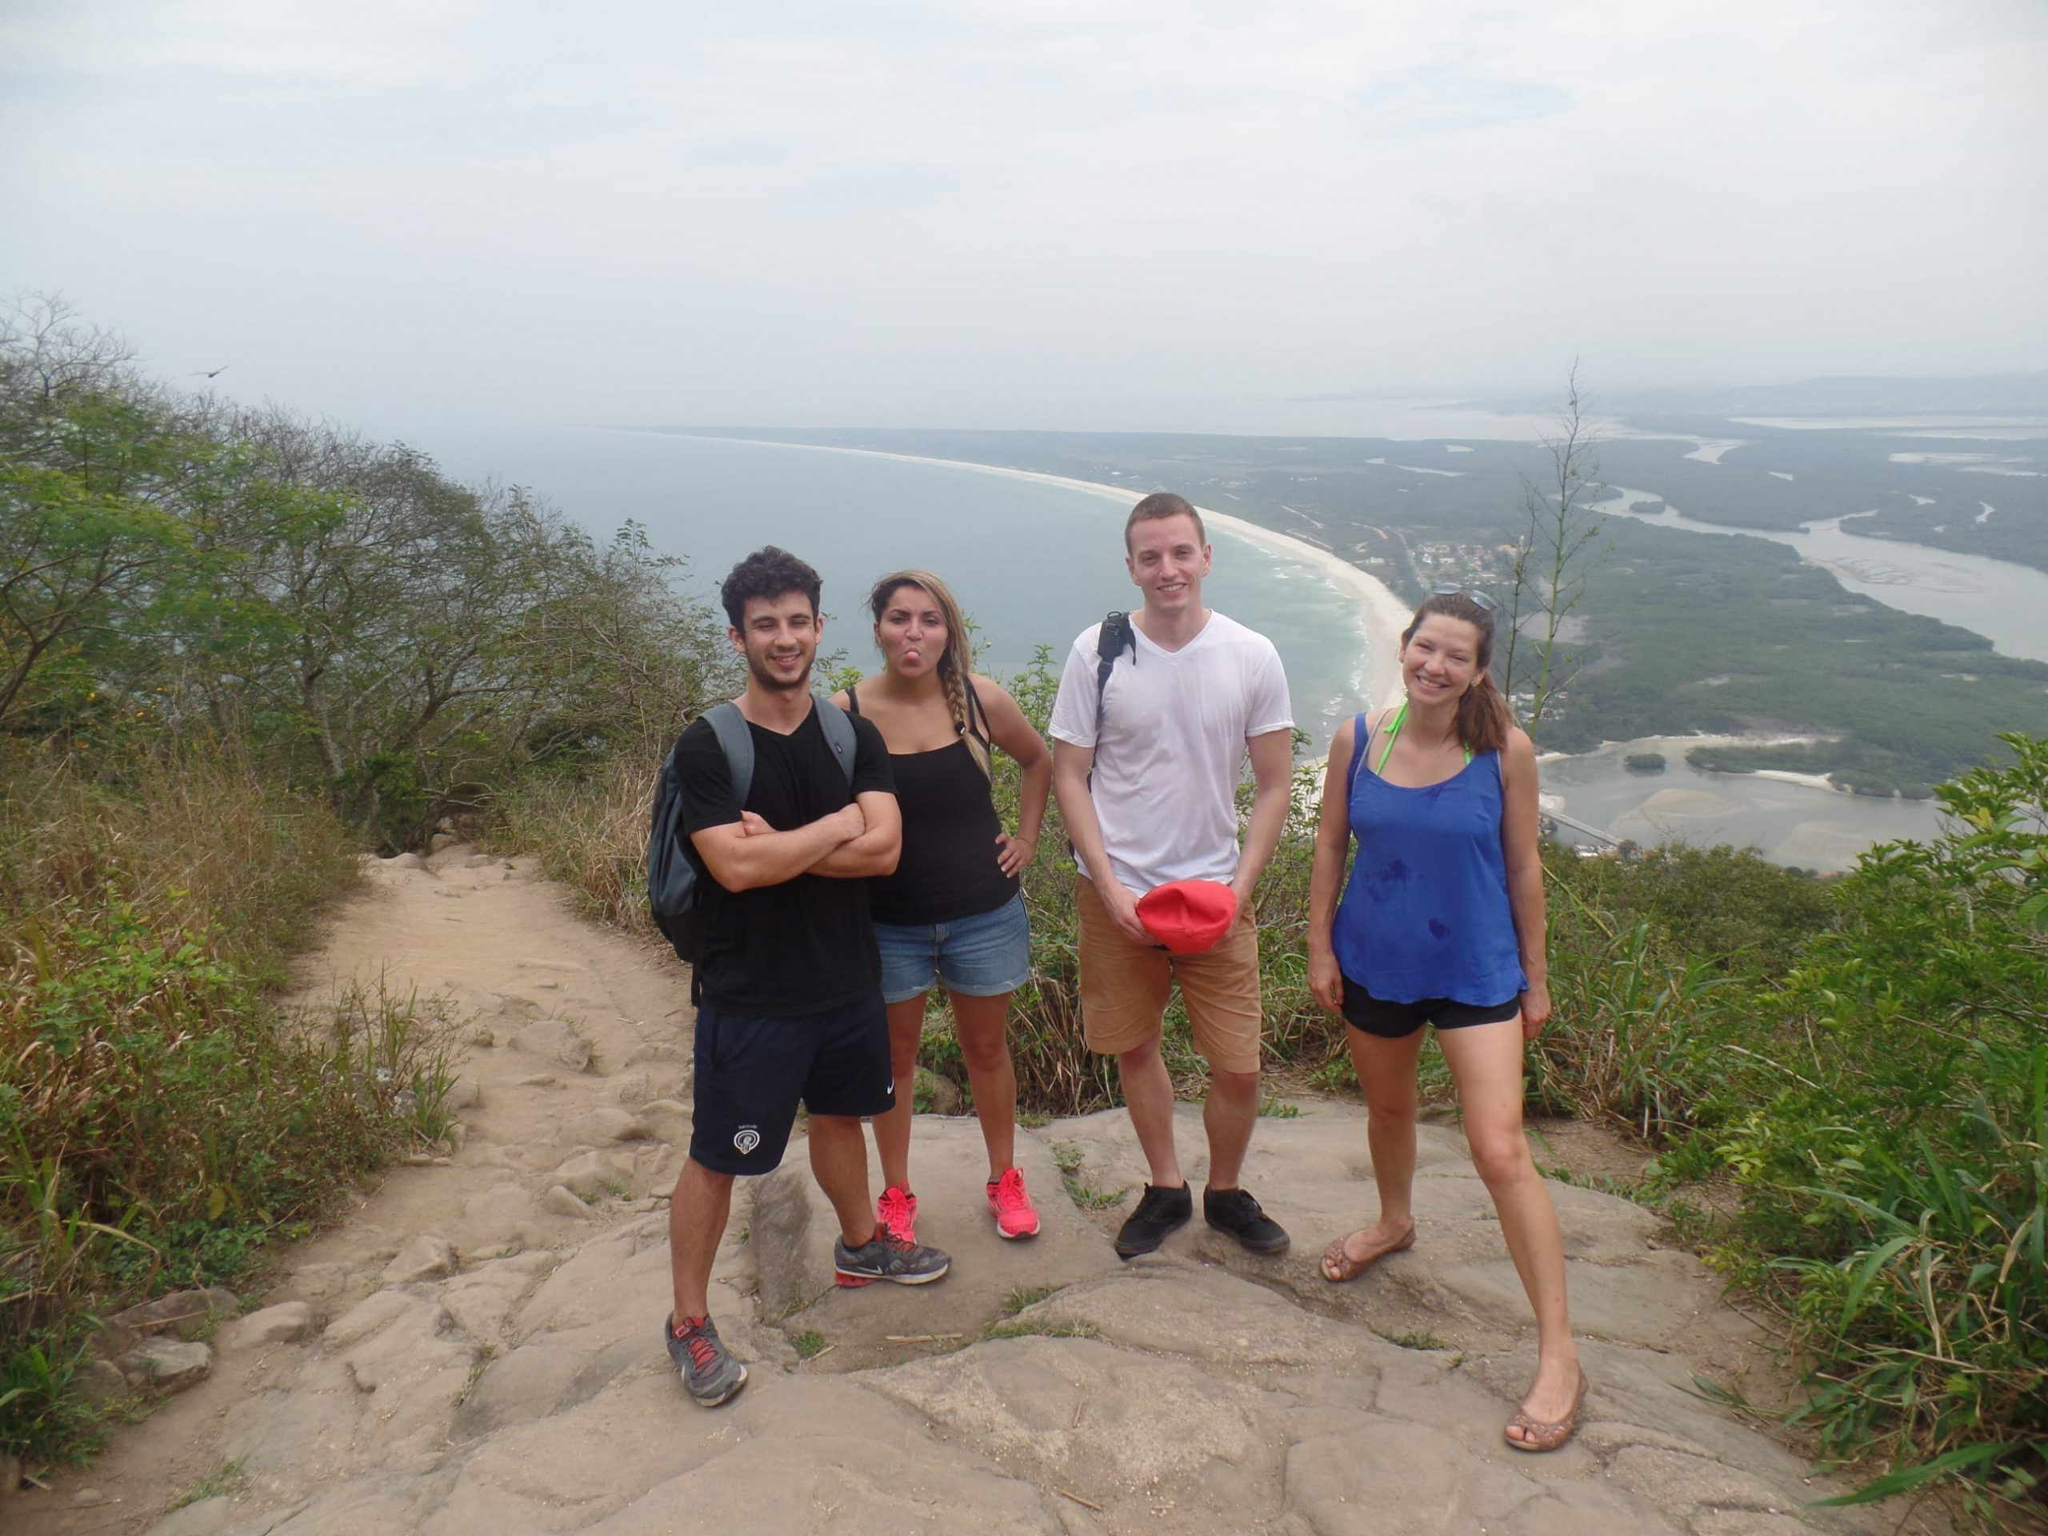 We enjoyed exploring the west zone of Rio.